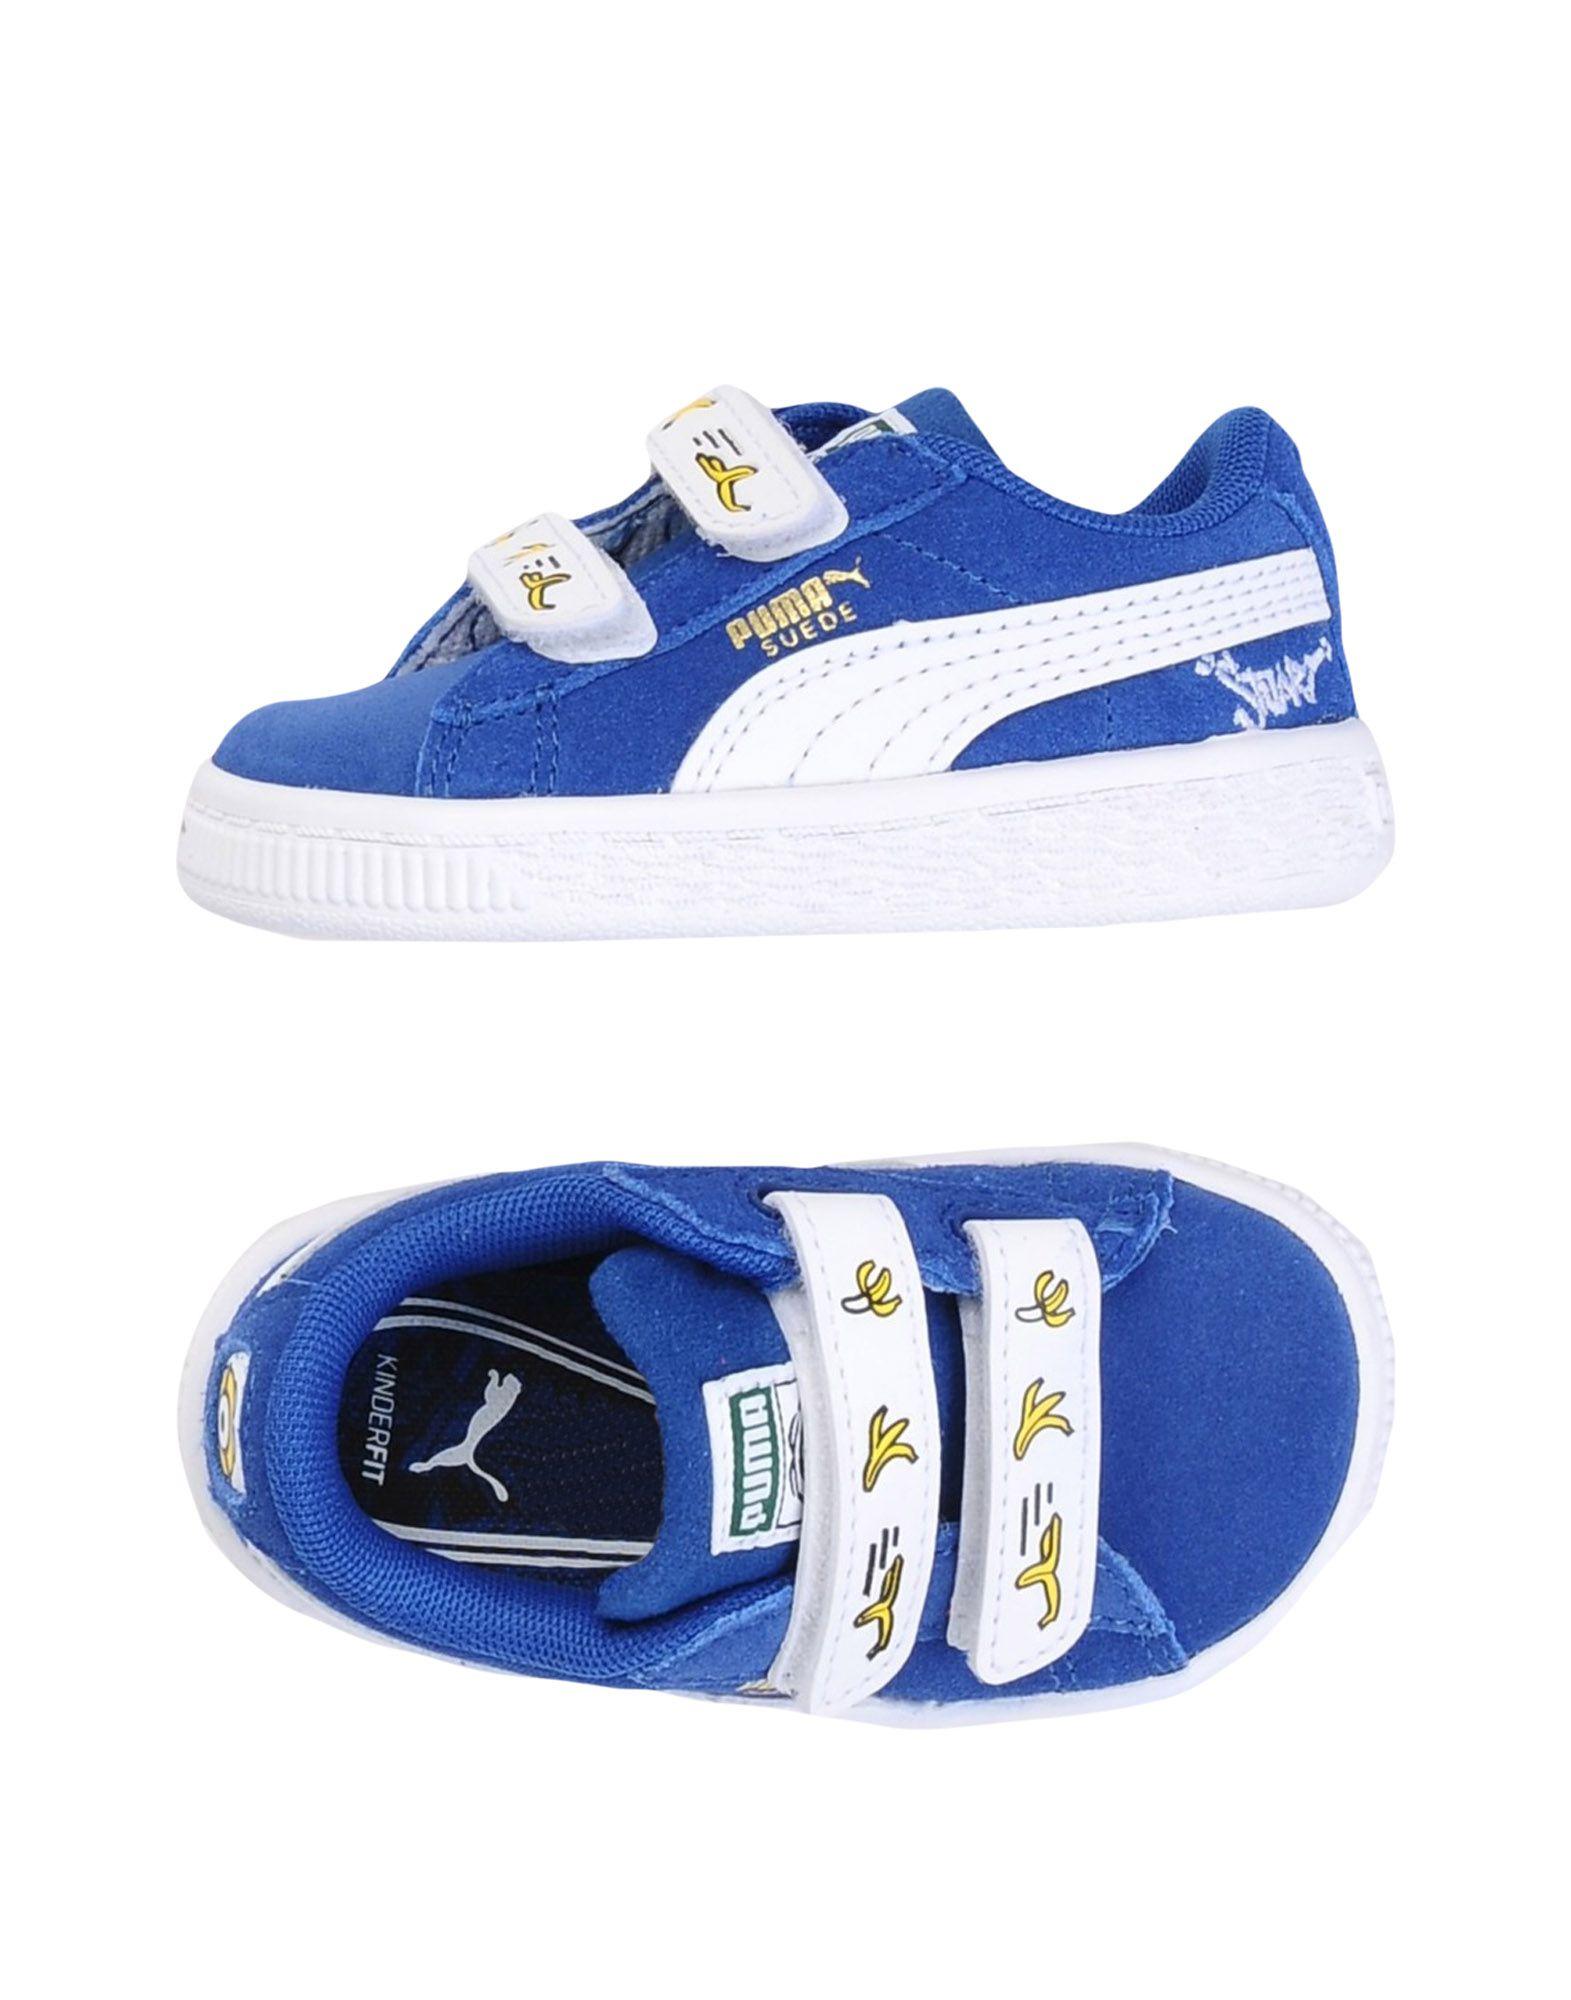 Sneakers bicolore con chiusura velcro per bambina Puma fmMSR